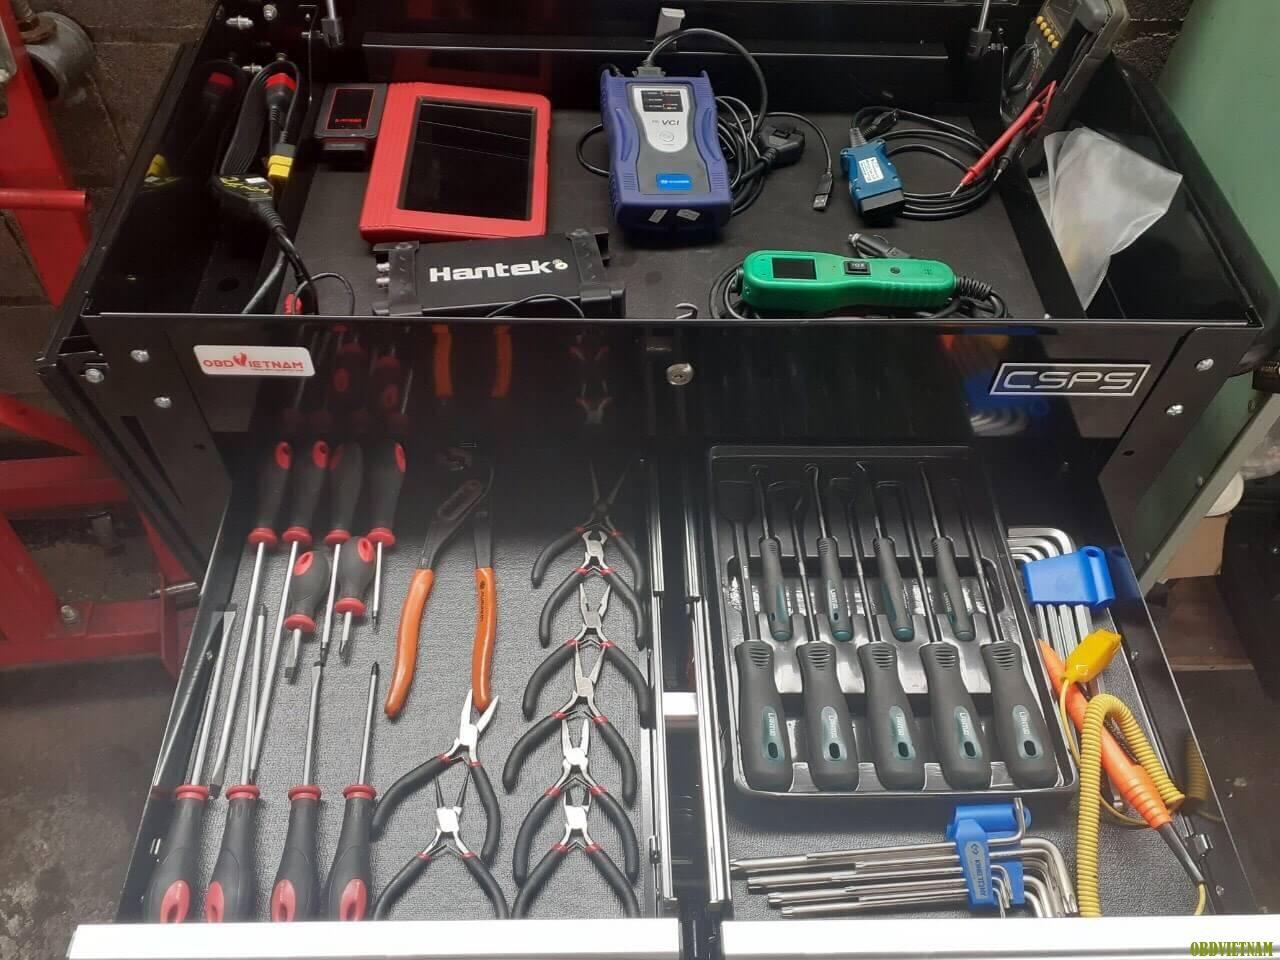 Máy chẩn đoán và dụng cụ đã được tích hợp sẵn trong tủ chẩn đoán luôn sẵn sàng đồng hành cùng Anh Em trong công việc sủa chữa